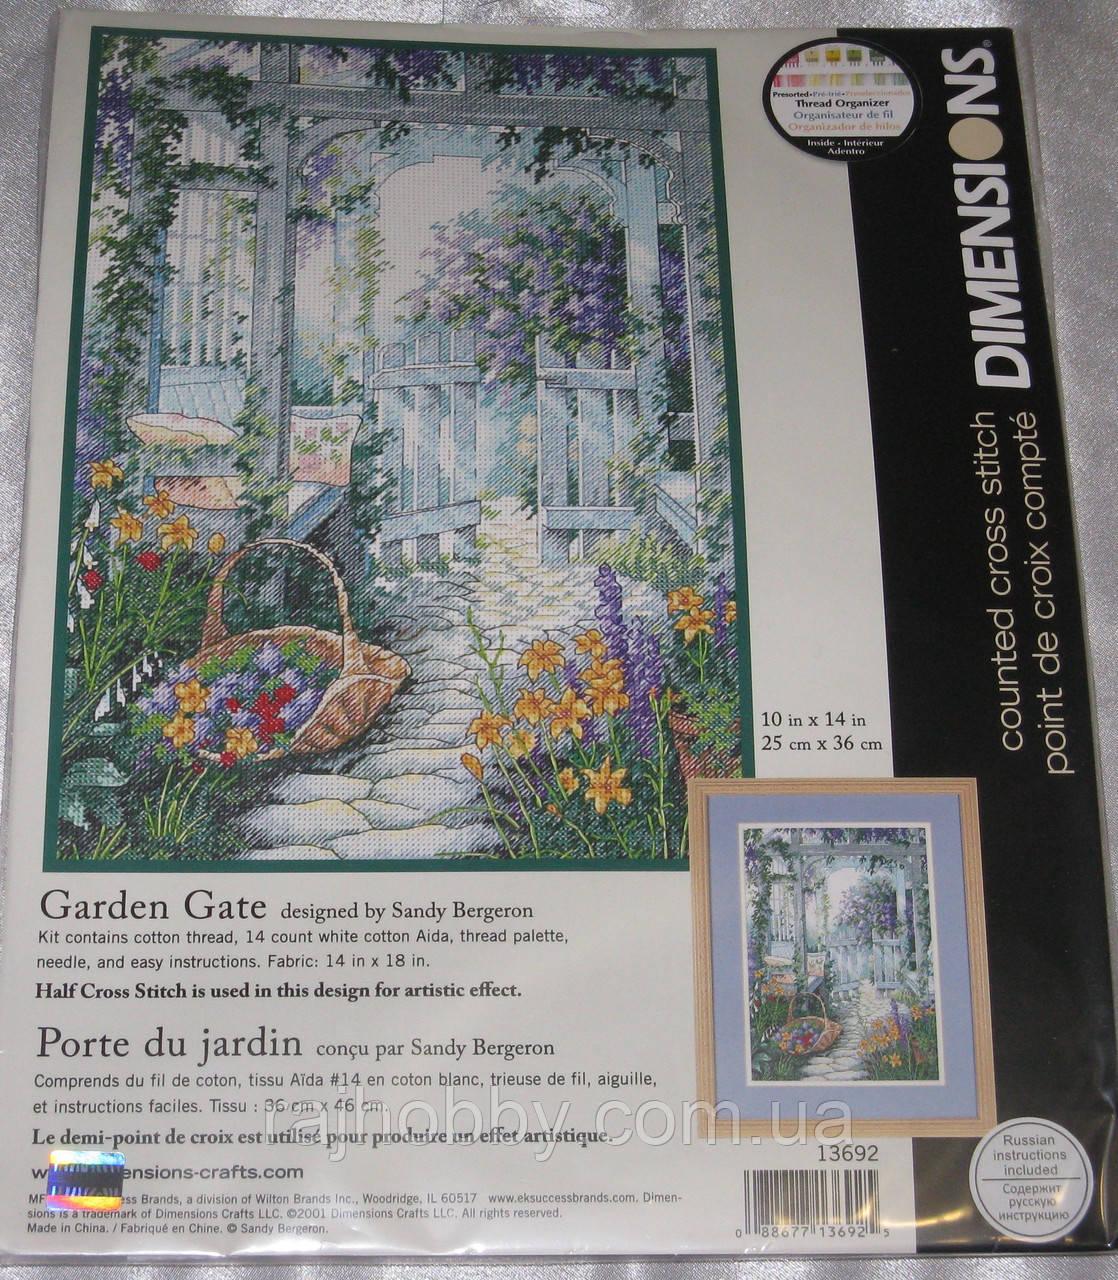 Dimensions Набор для вышивки крестом Садовые ворота 13692